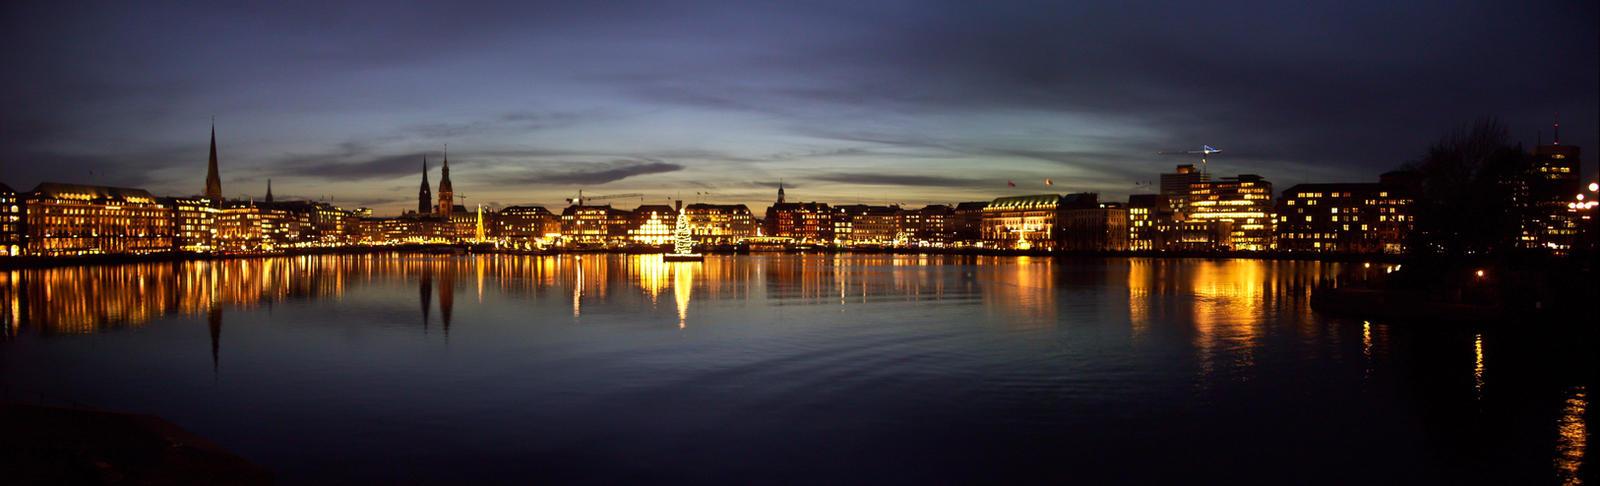 Hamburg Alster Panorama Night by Bull04